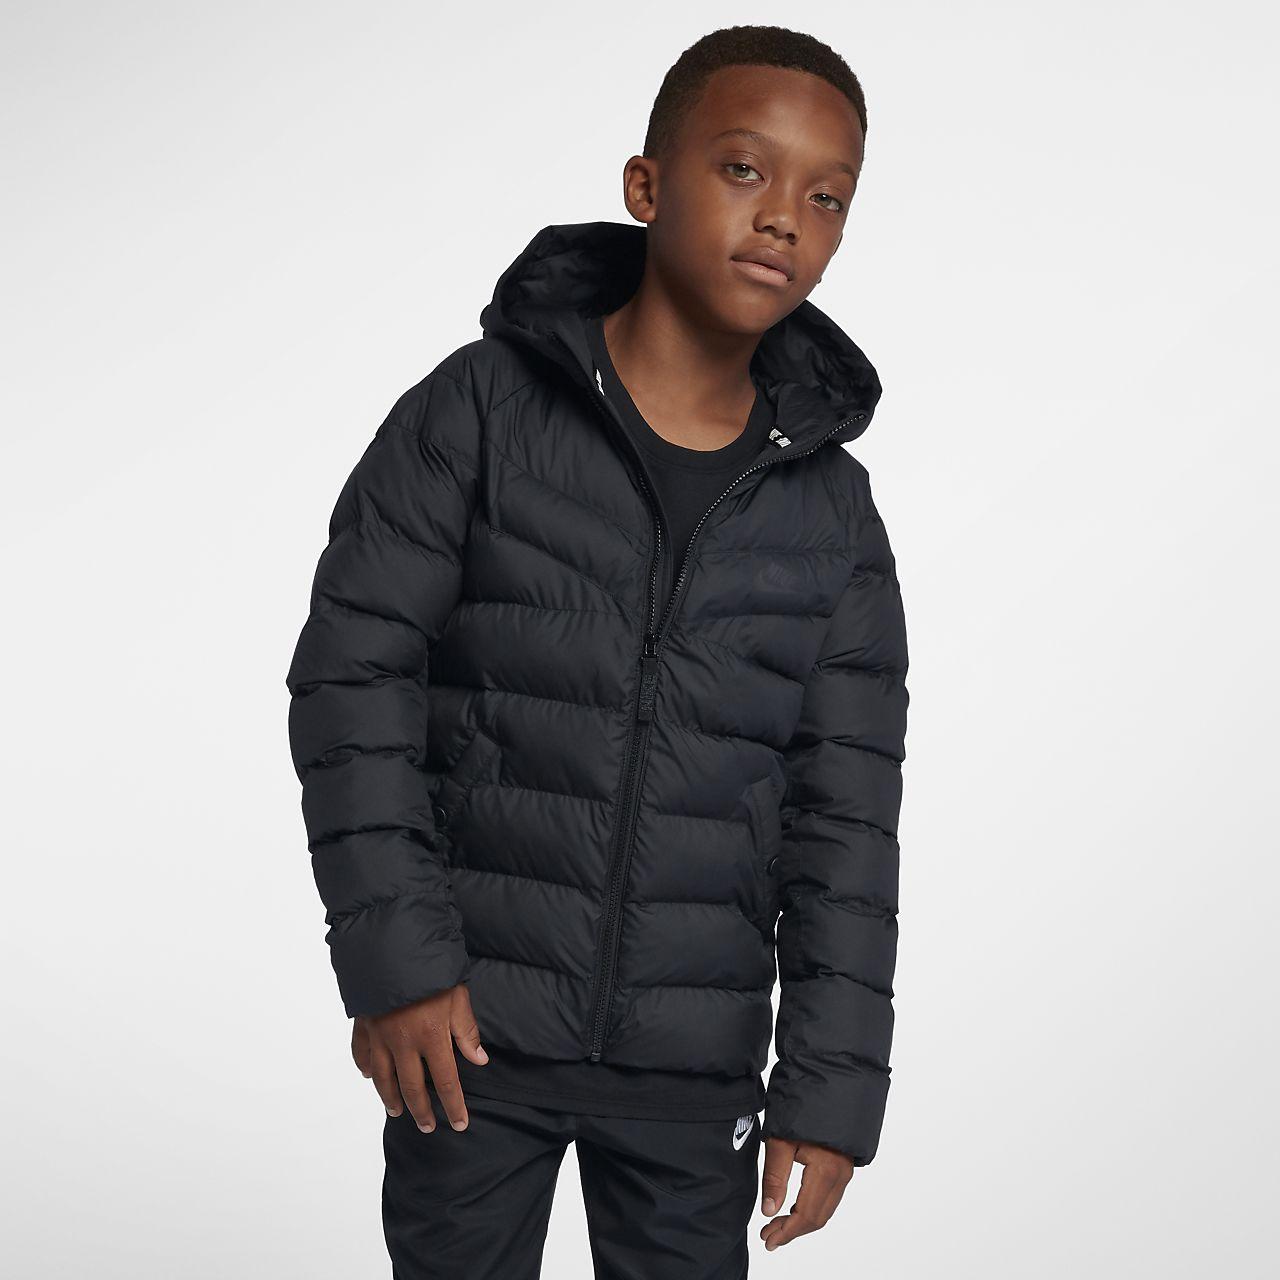 Nike Sportswear Older Kids' Synthetic Fill Jacket